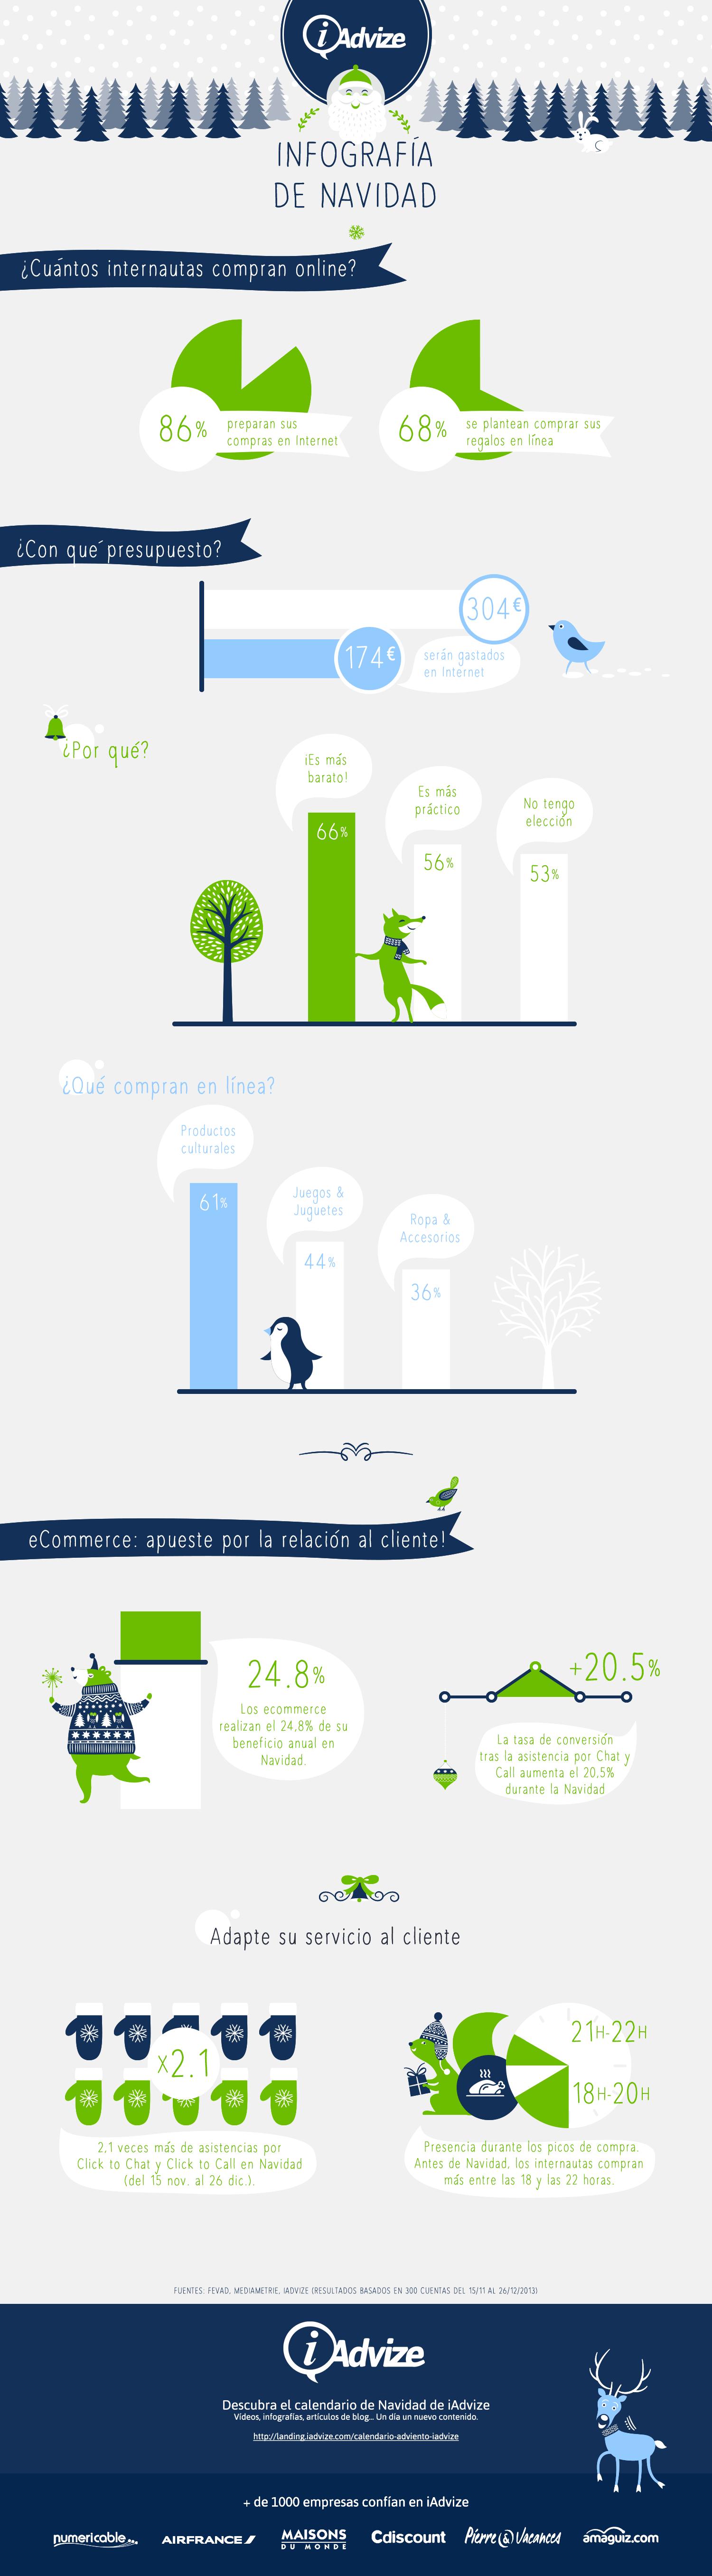 infografía-Navidad-2014